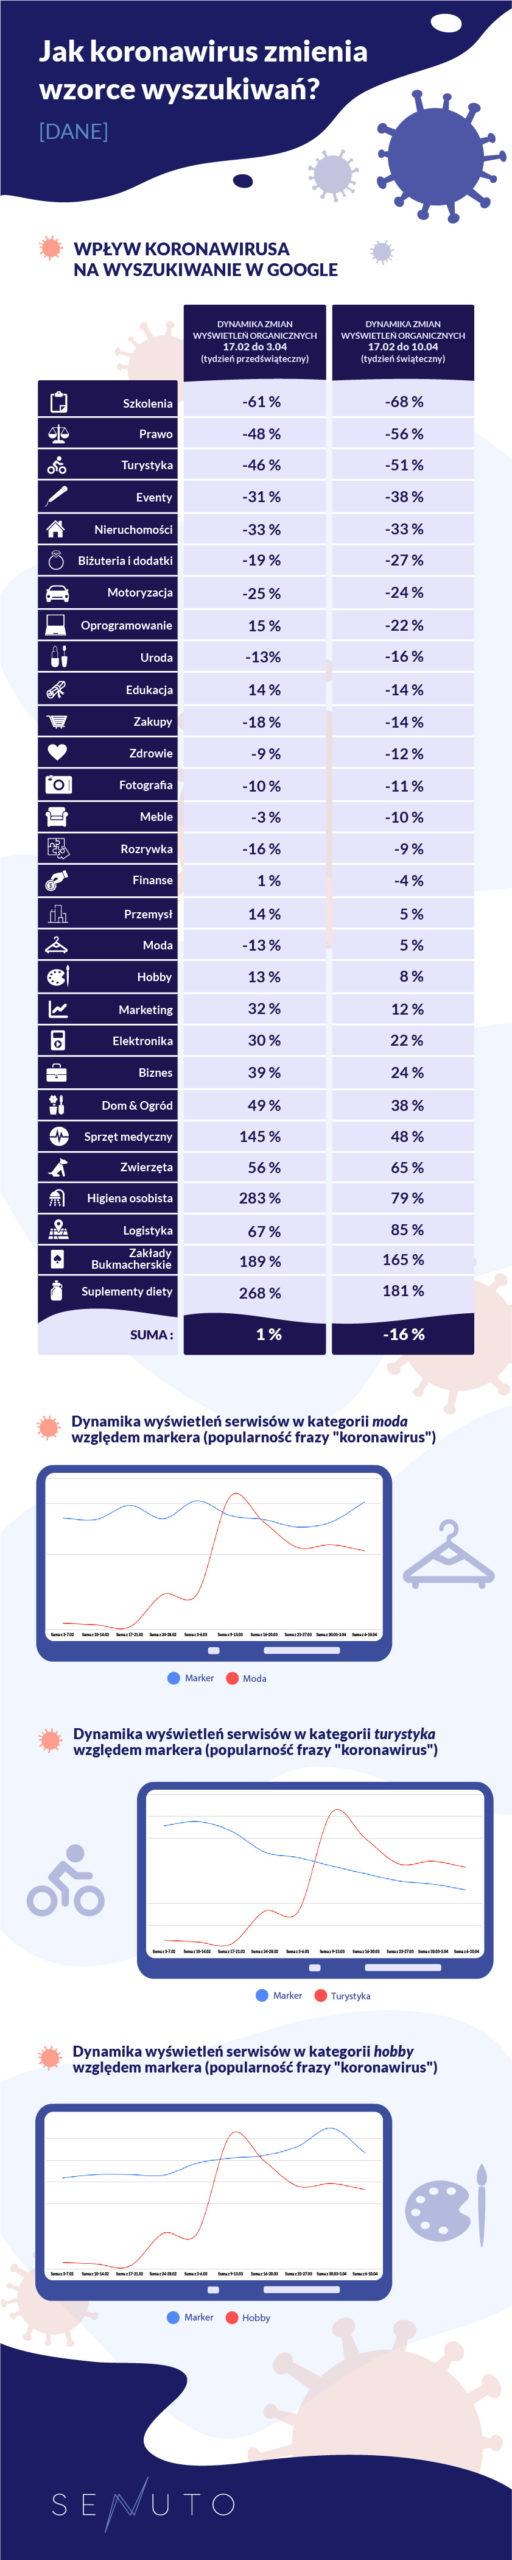 Senuto infografika koronawirus wzorce wyszukiwań budżety reklamowe w Google Ads